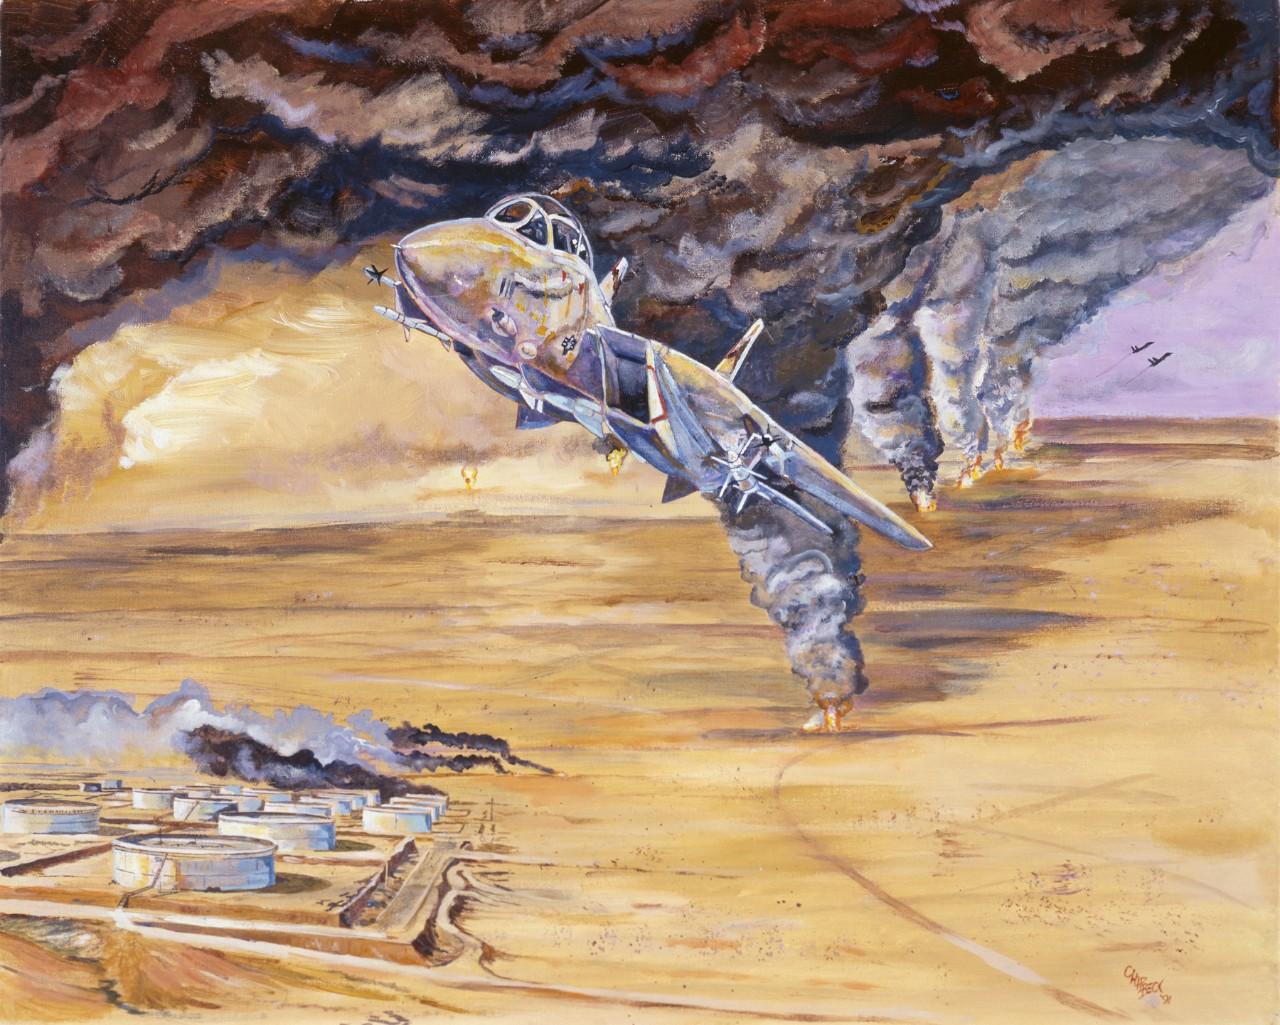 Desert Shield/Desert Storm